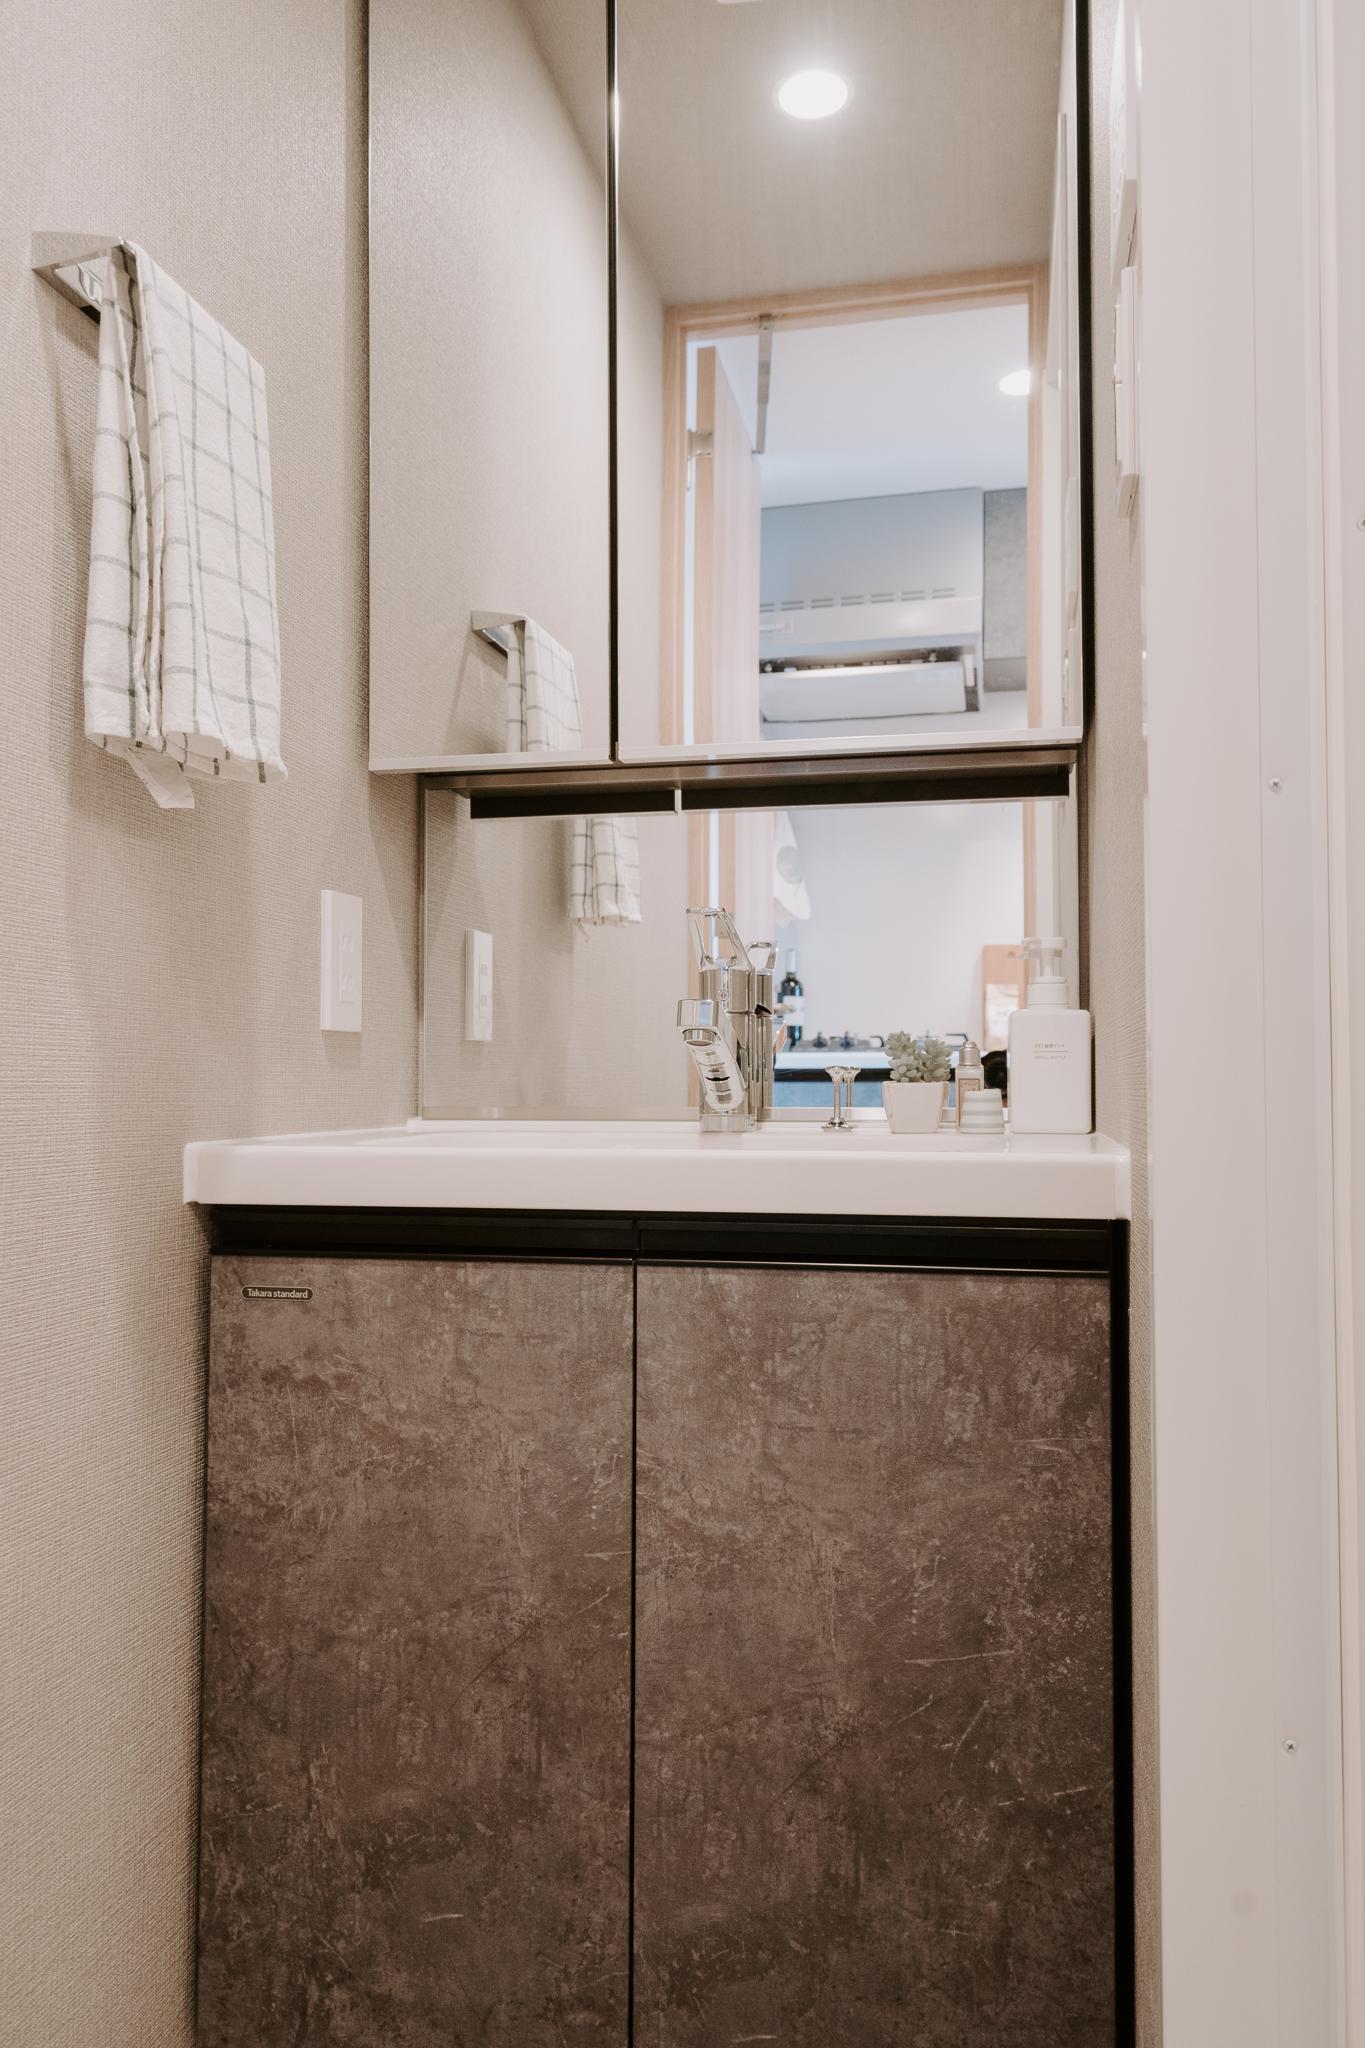 もちろん独立洗面台も完備。鏡が大きくていいですよね。